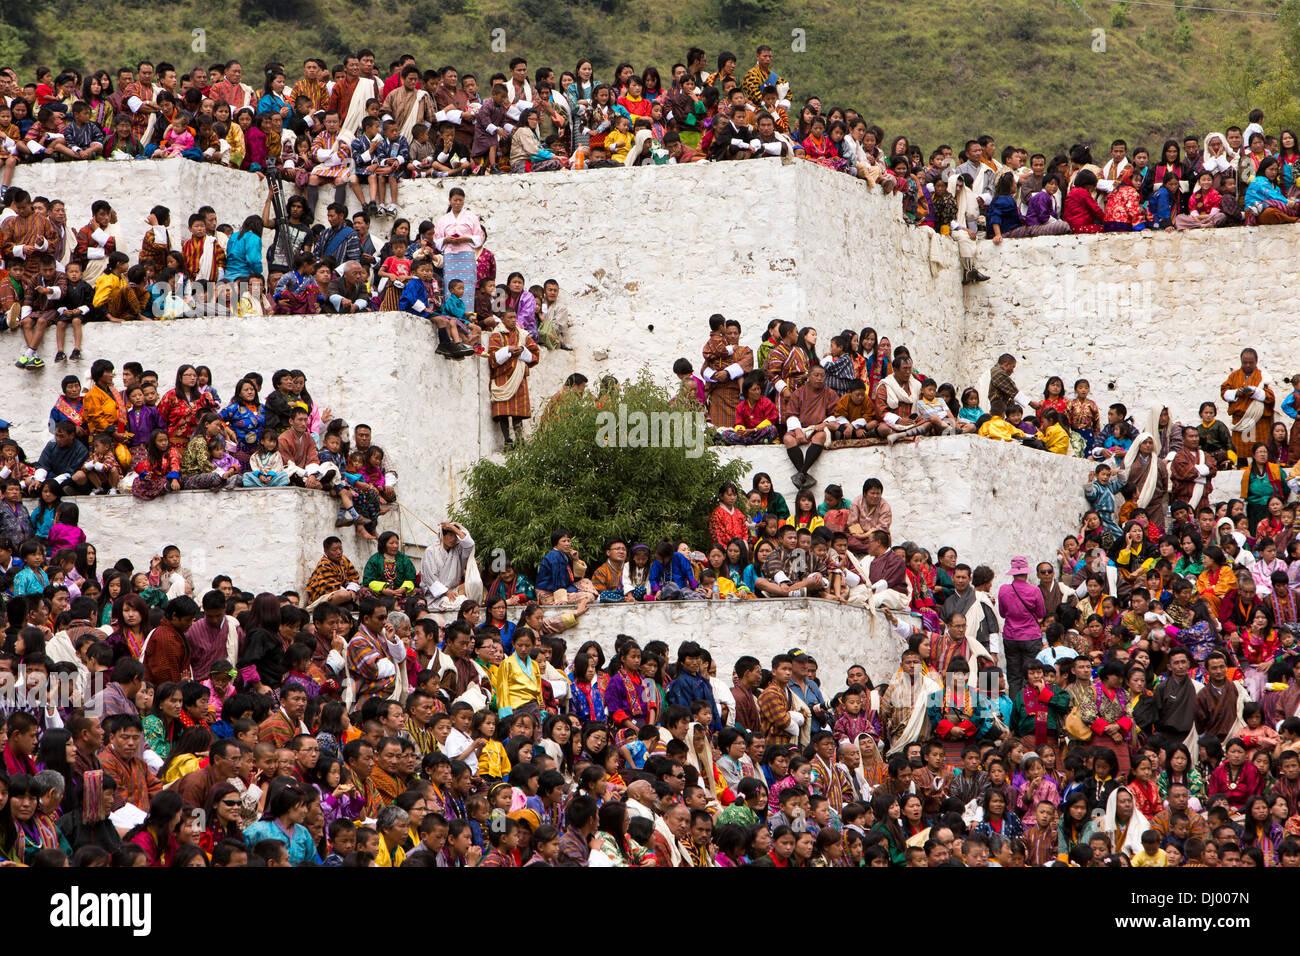 Le Bhoutan, Thimphu Dzong, Tsechu festival annuel, tous les points de remplissage de l'auditoire Photo Stock